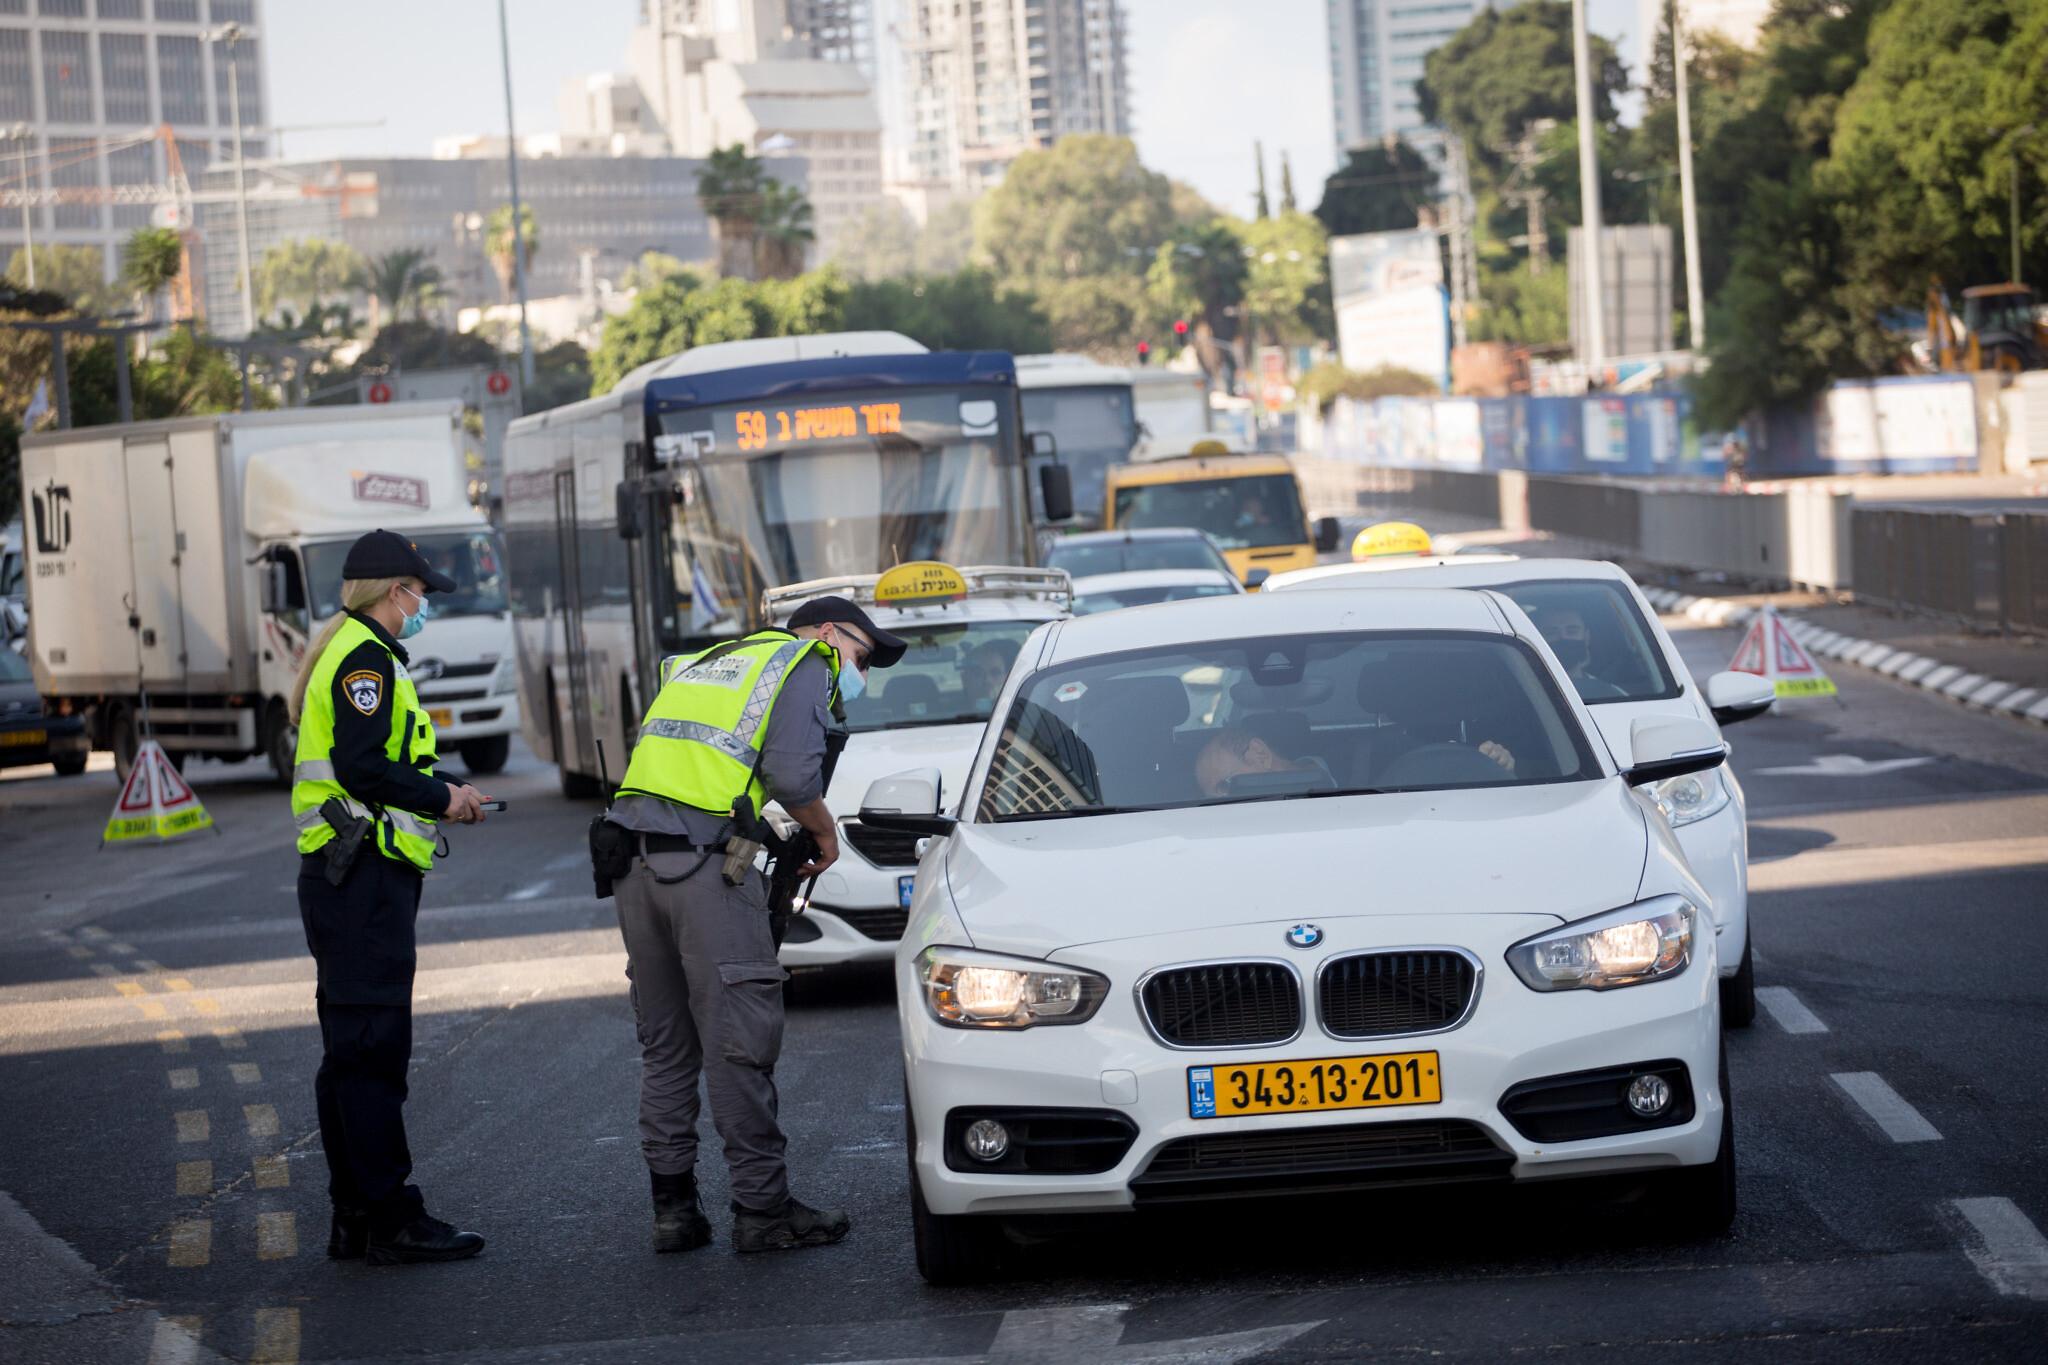 Israeli plane lands in Bahrain after ties normalised